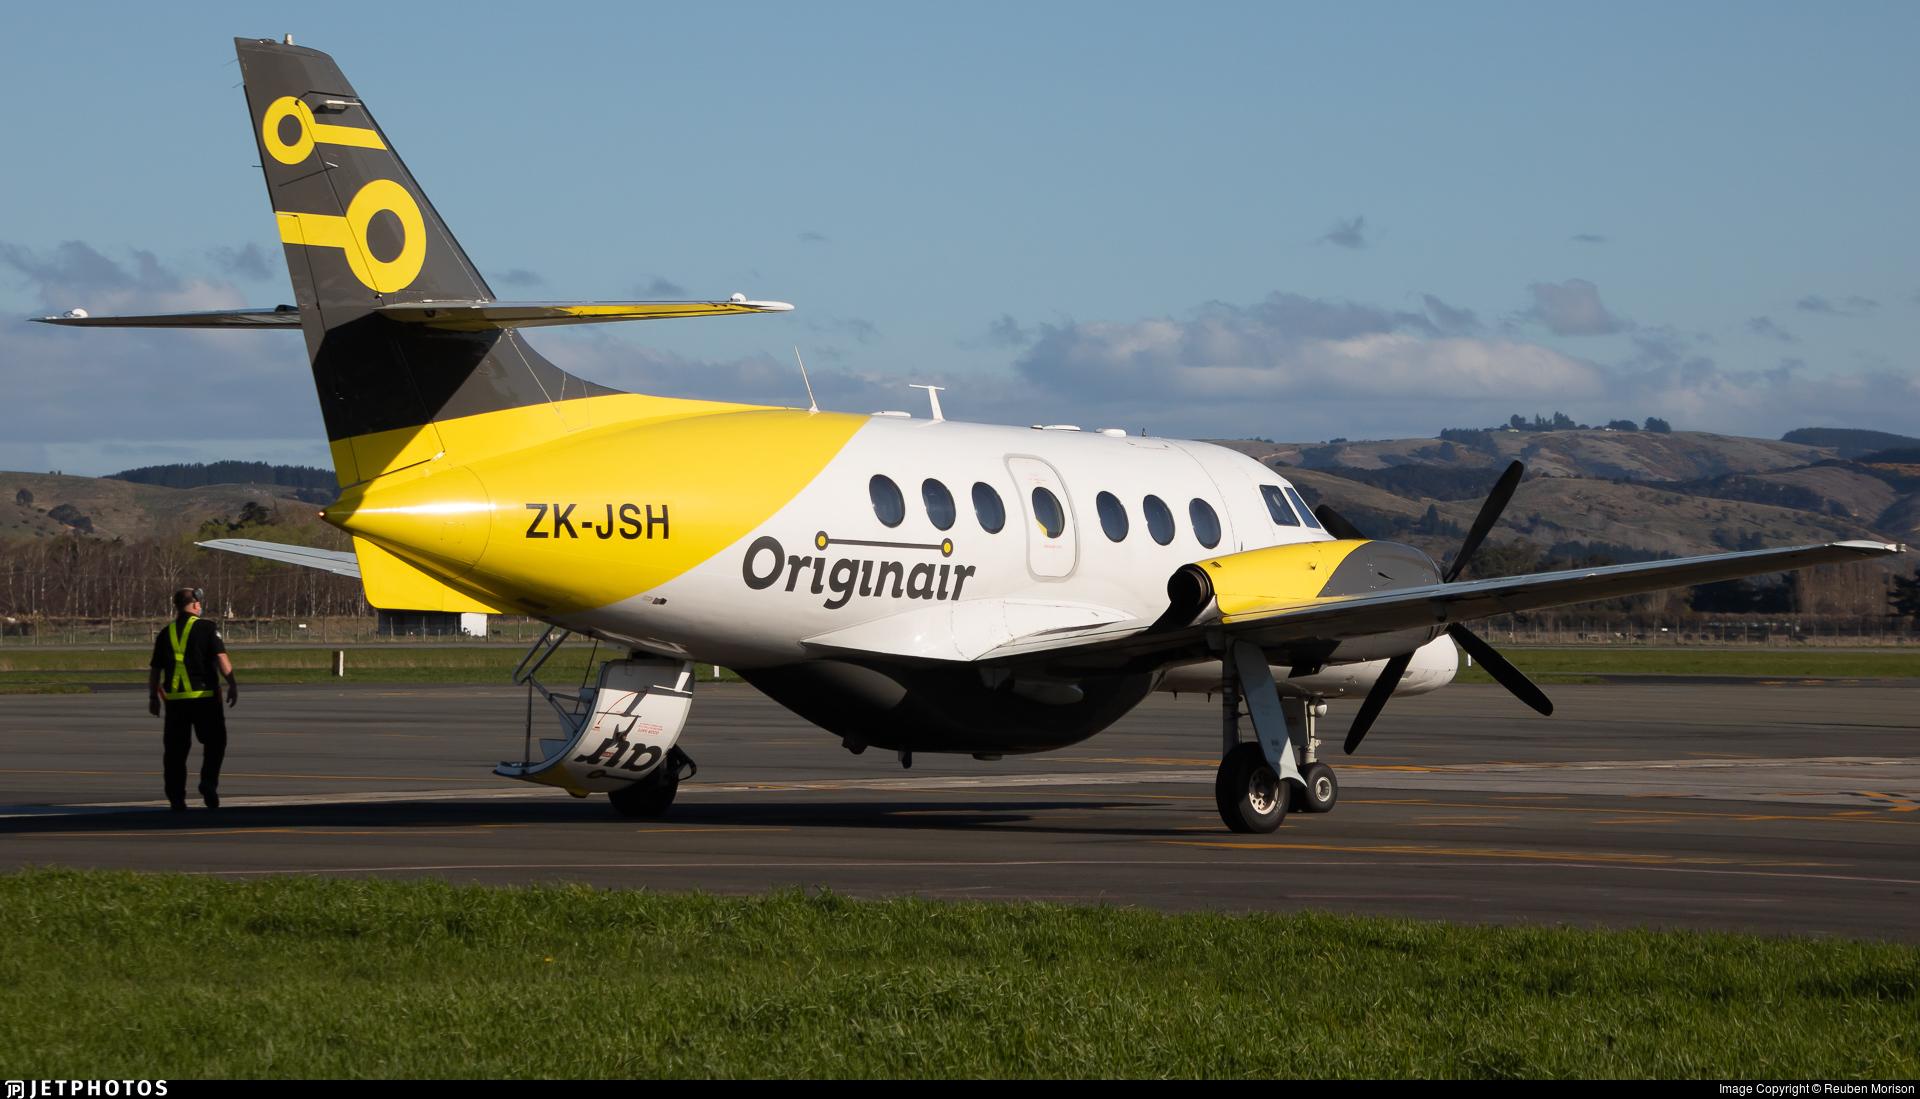 ZK-JSH - British Aerospace Jetstream 31 - Originair